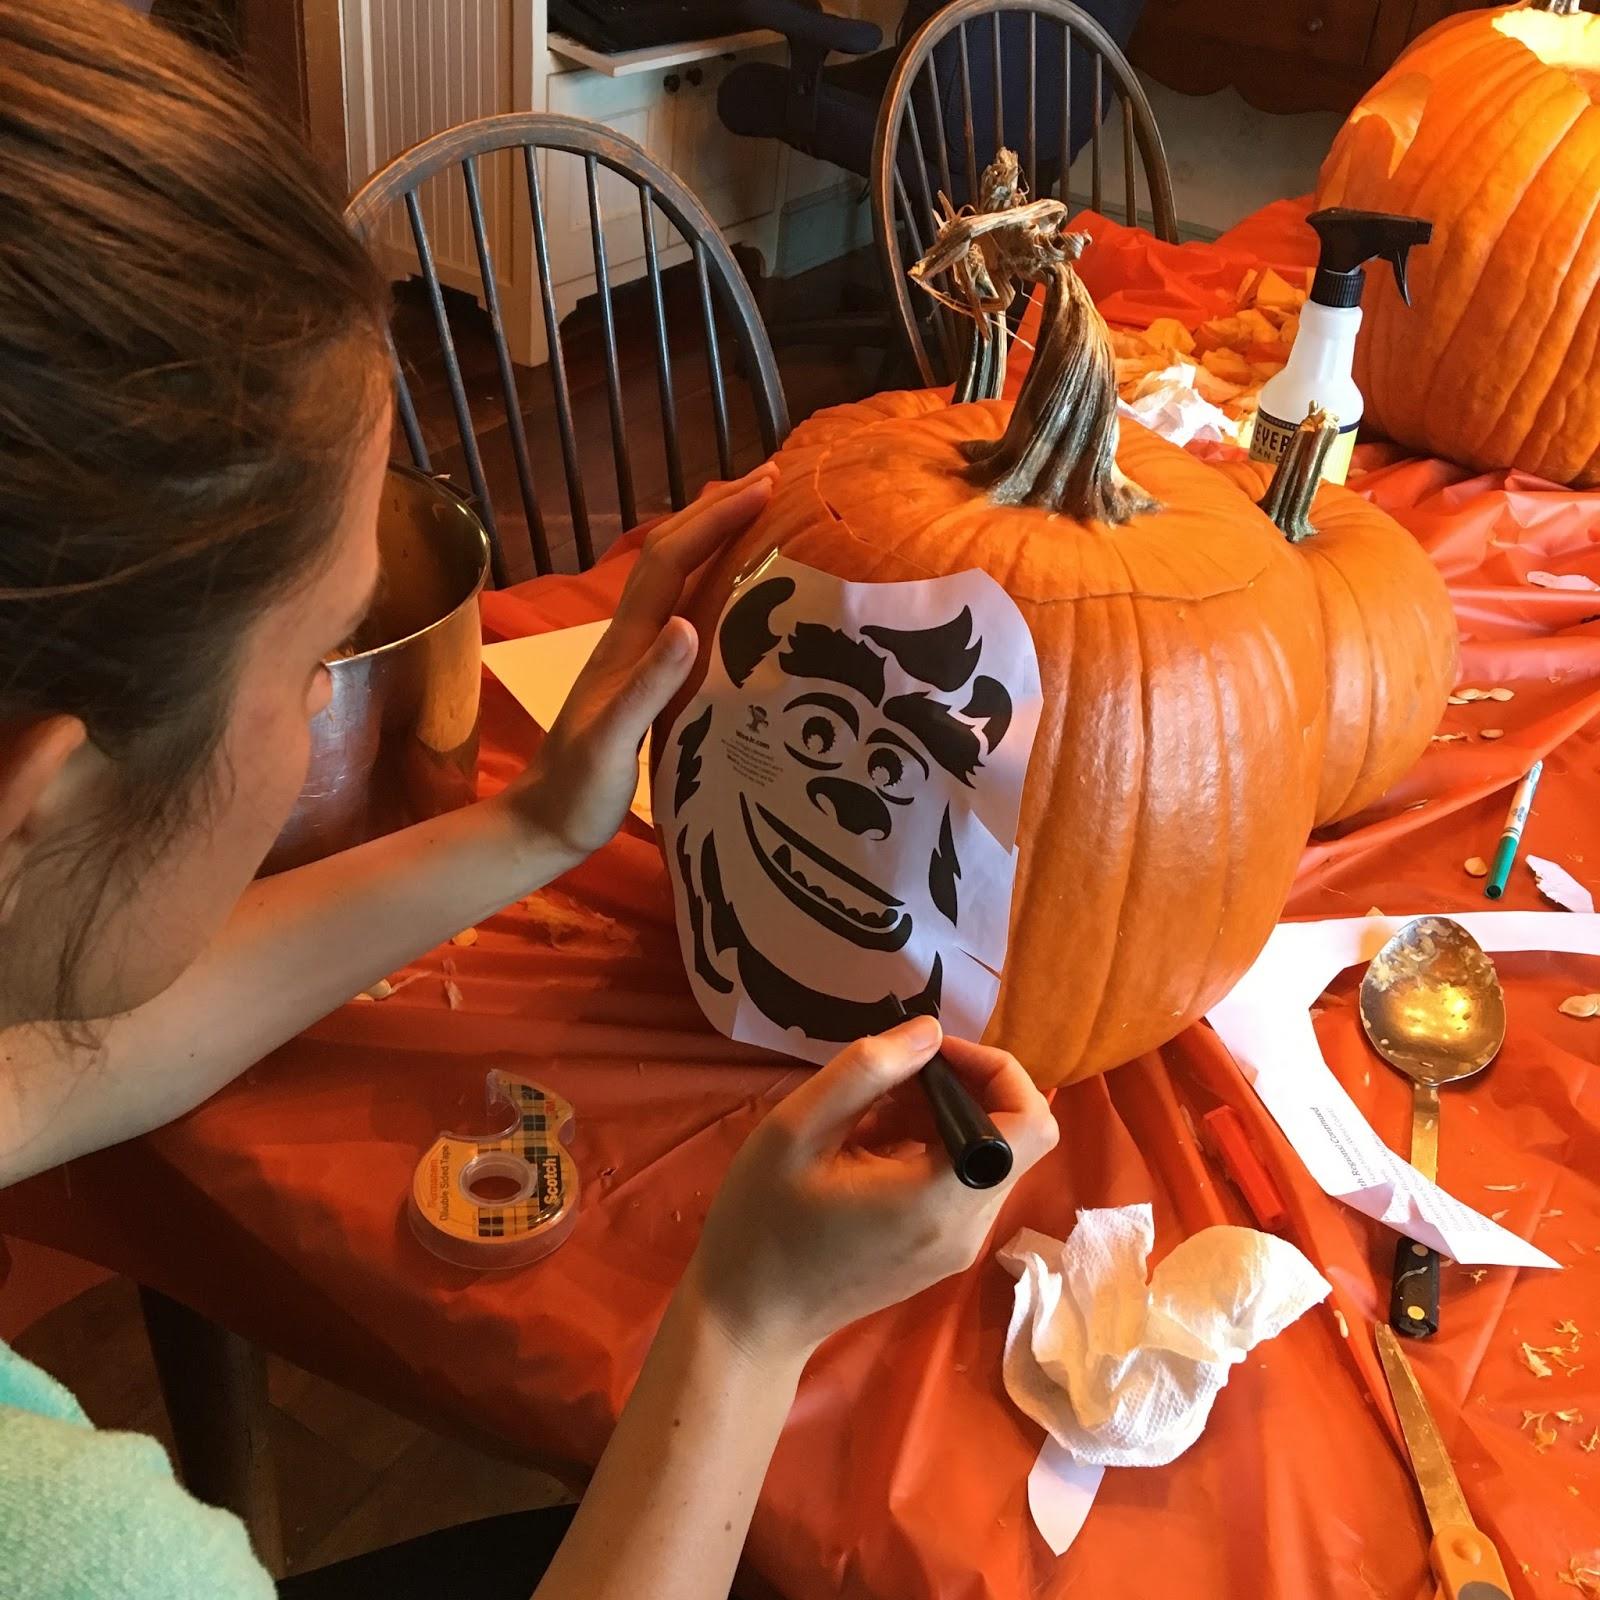 Dan the Pixar Fan: Events: Pixar Themed Pumpkin Carving (2016)